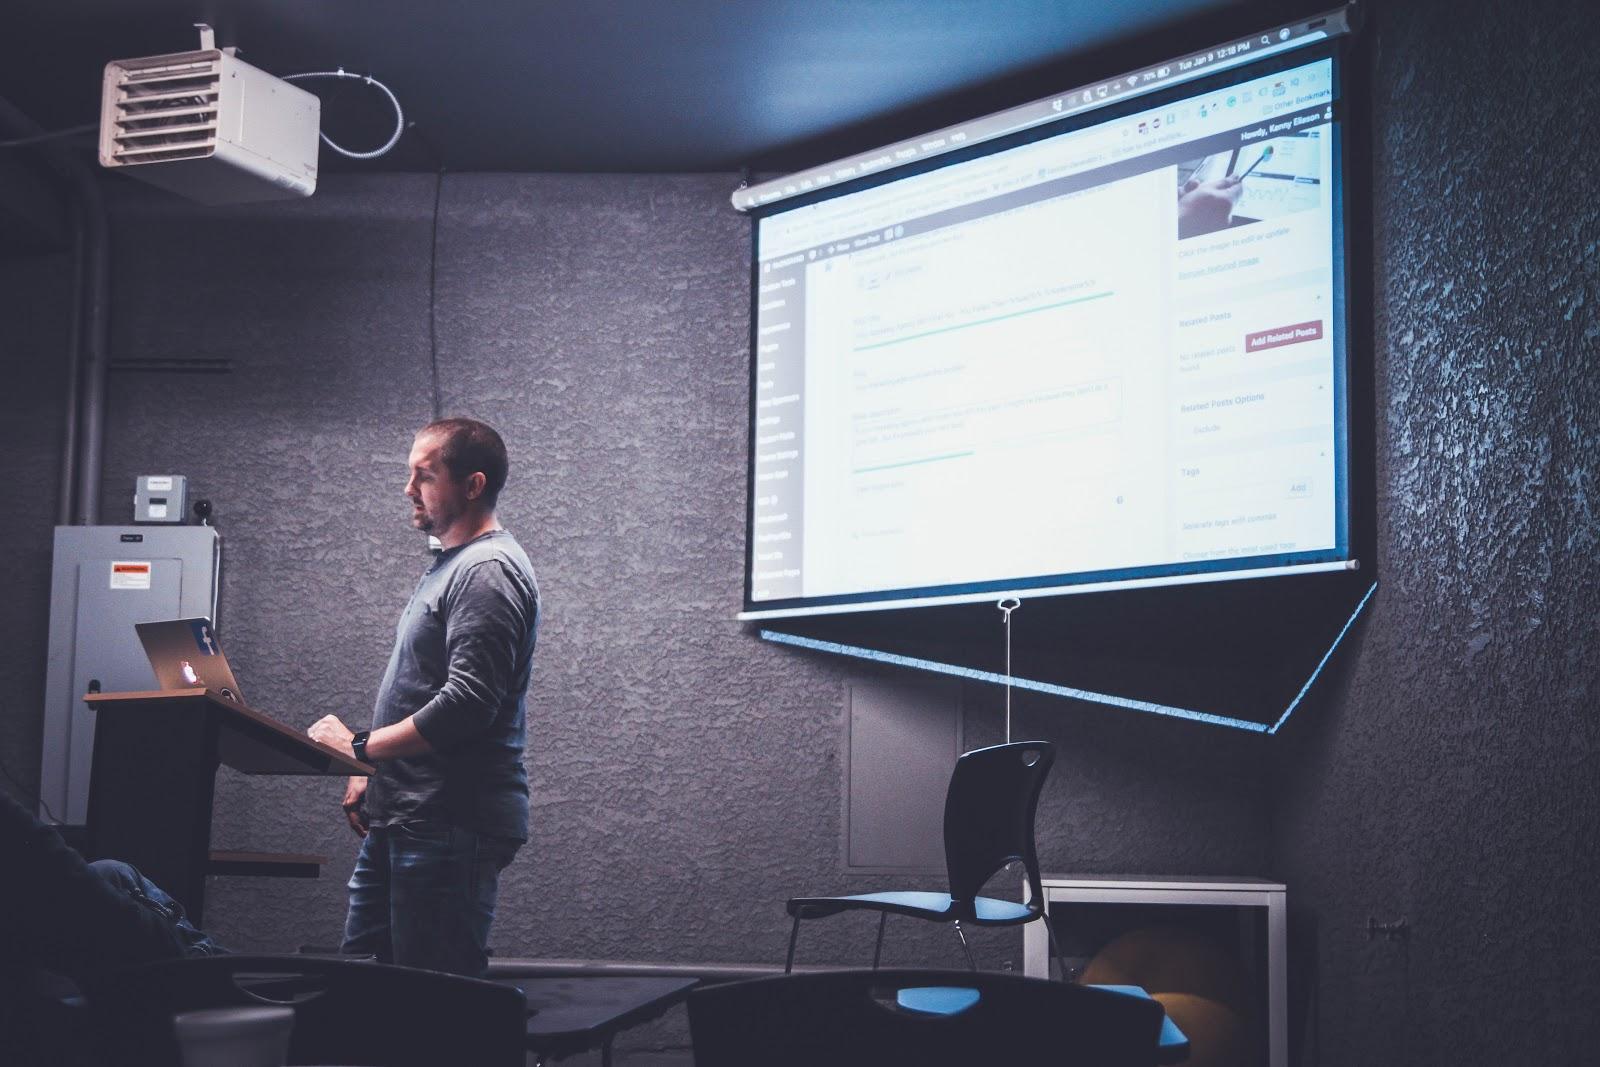 apresentação para empresas e seu impacto de negócio